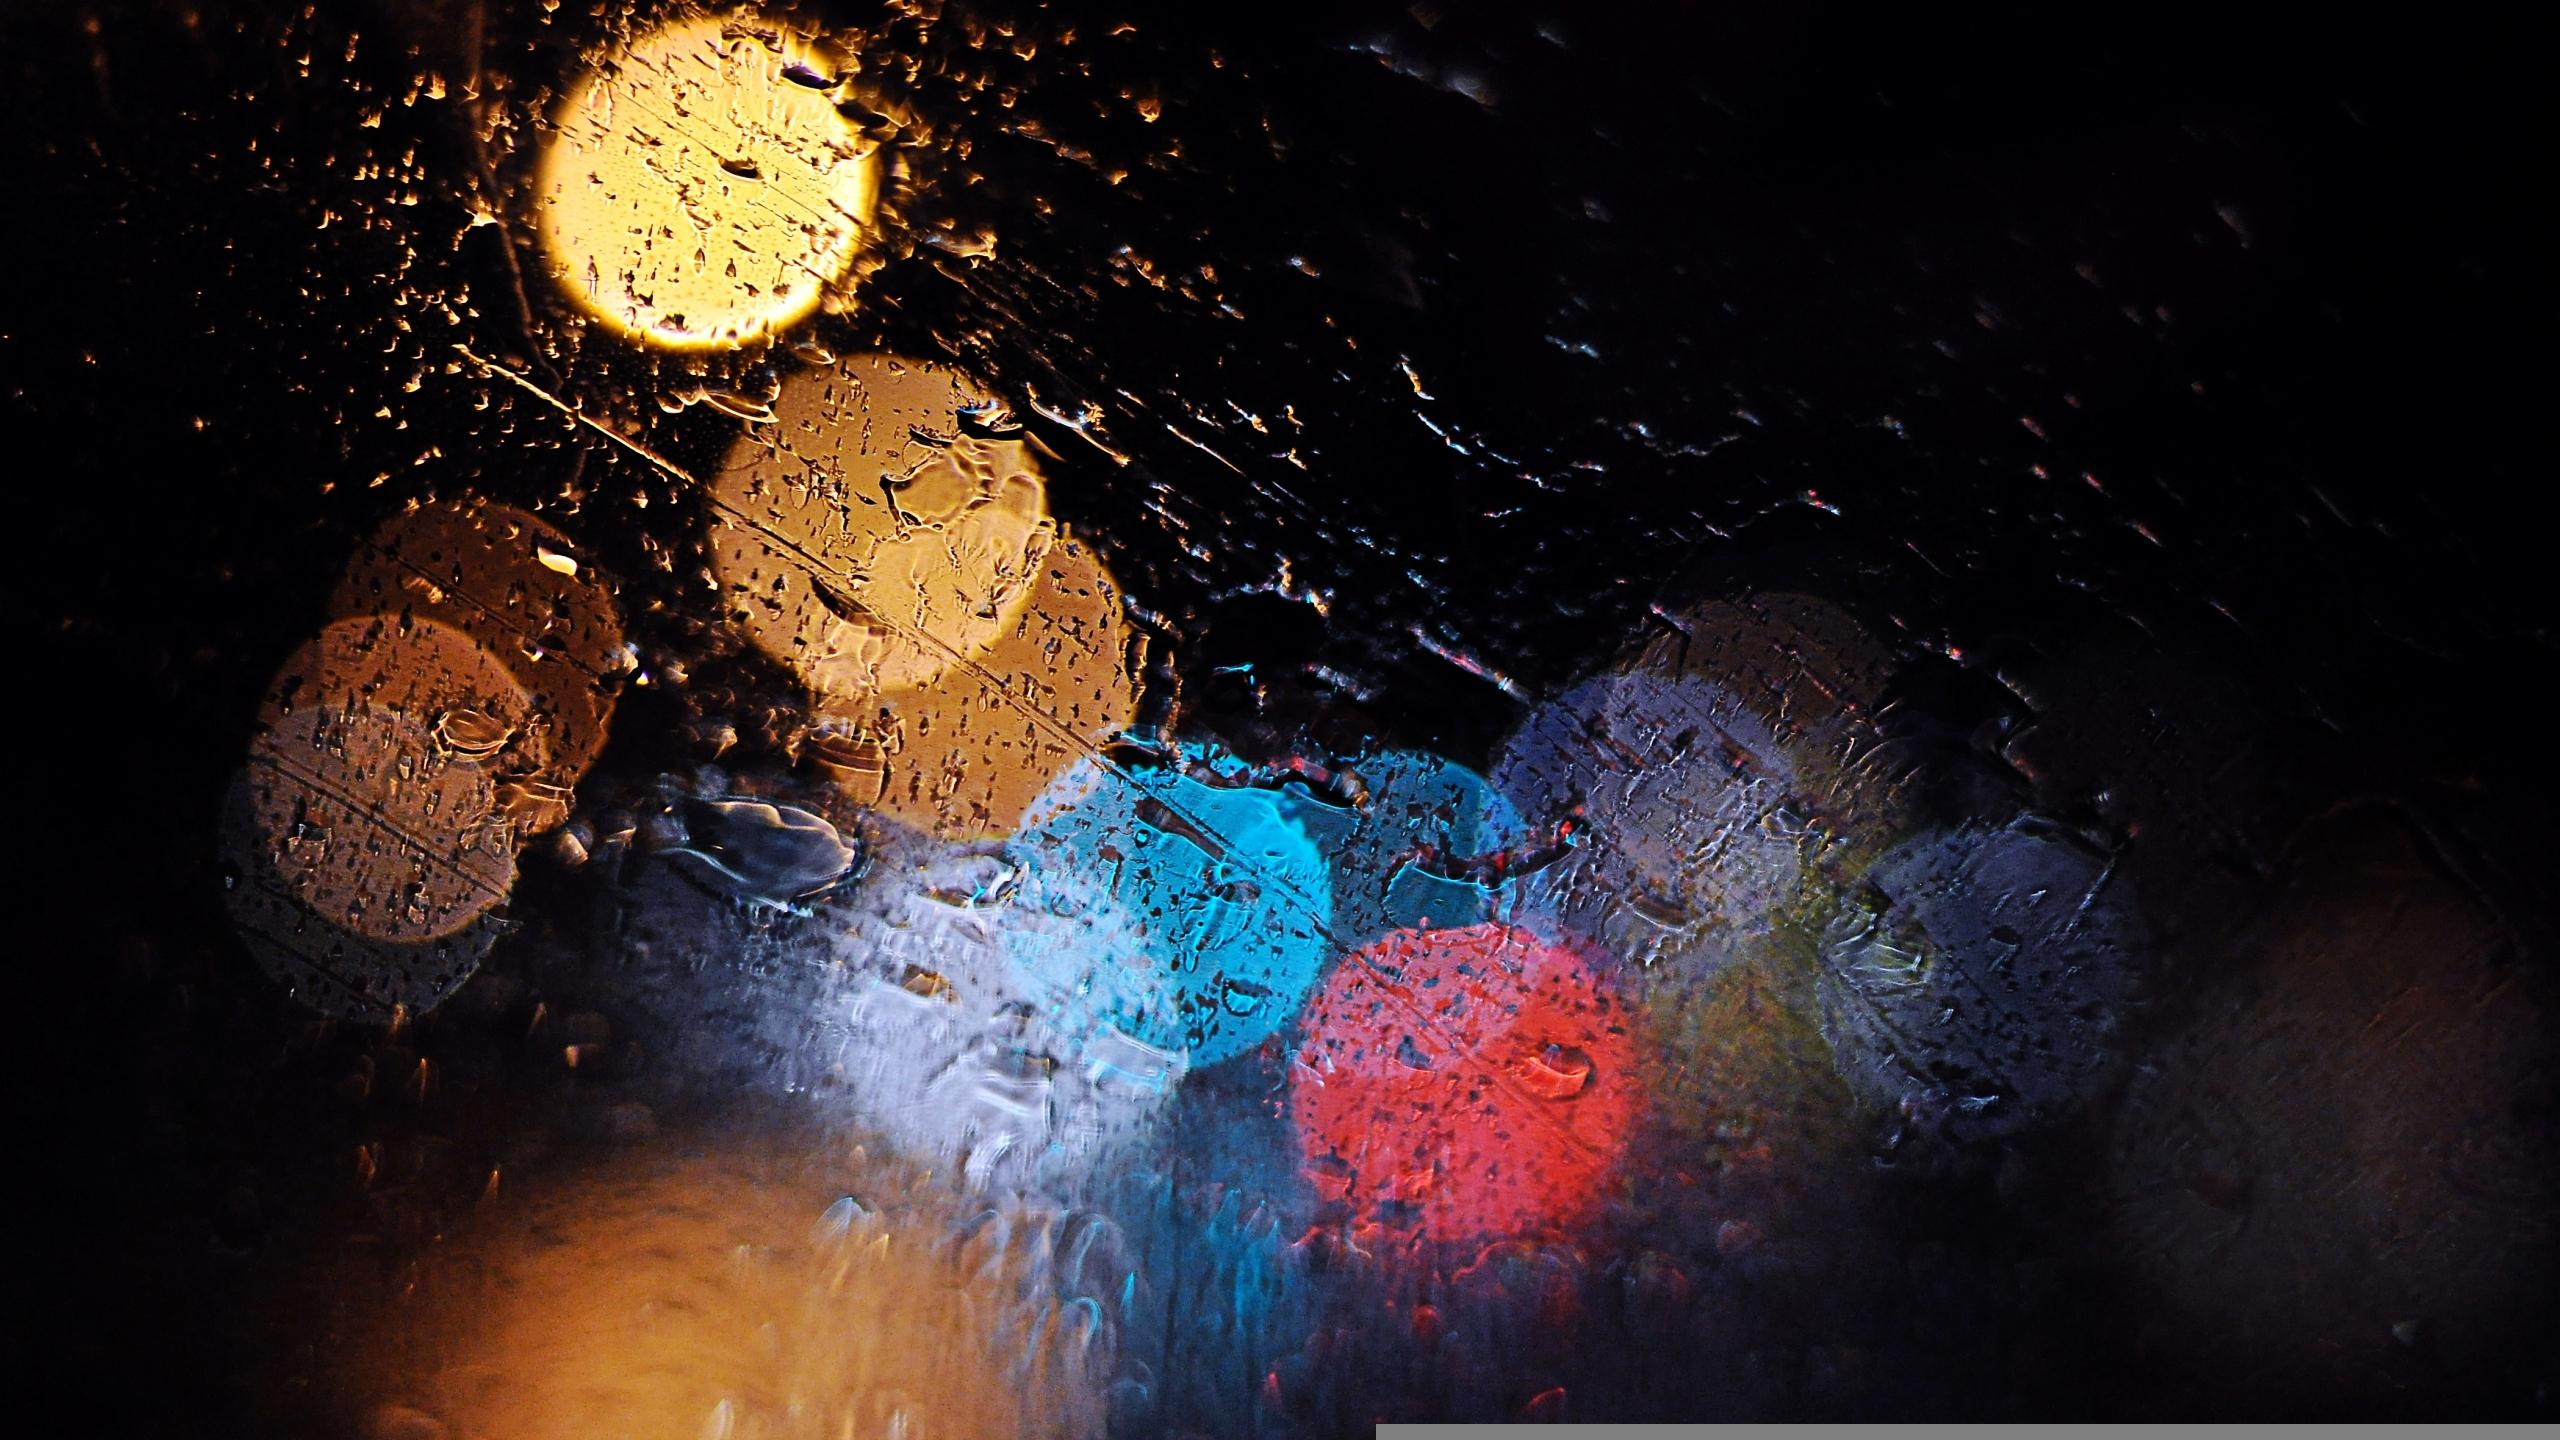 макро,стекло,вода,свет  № 1192831  скачать